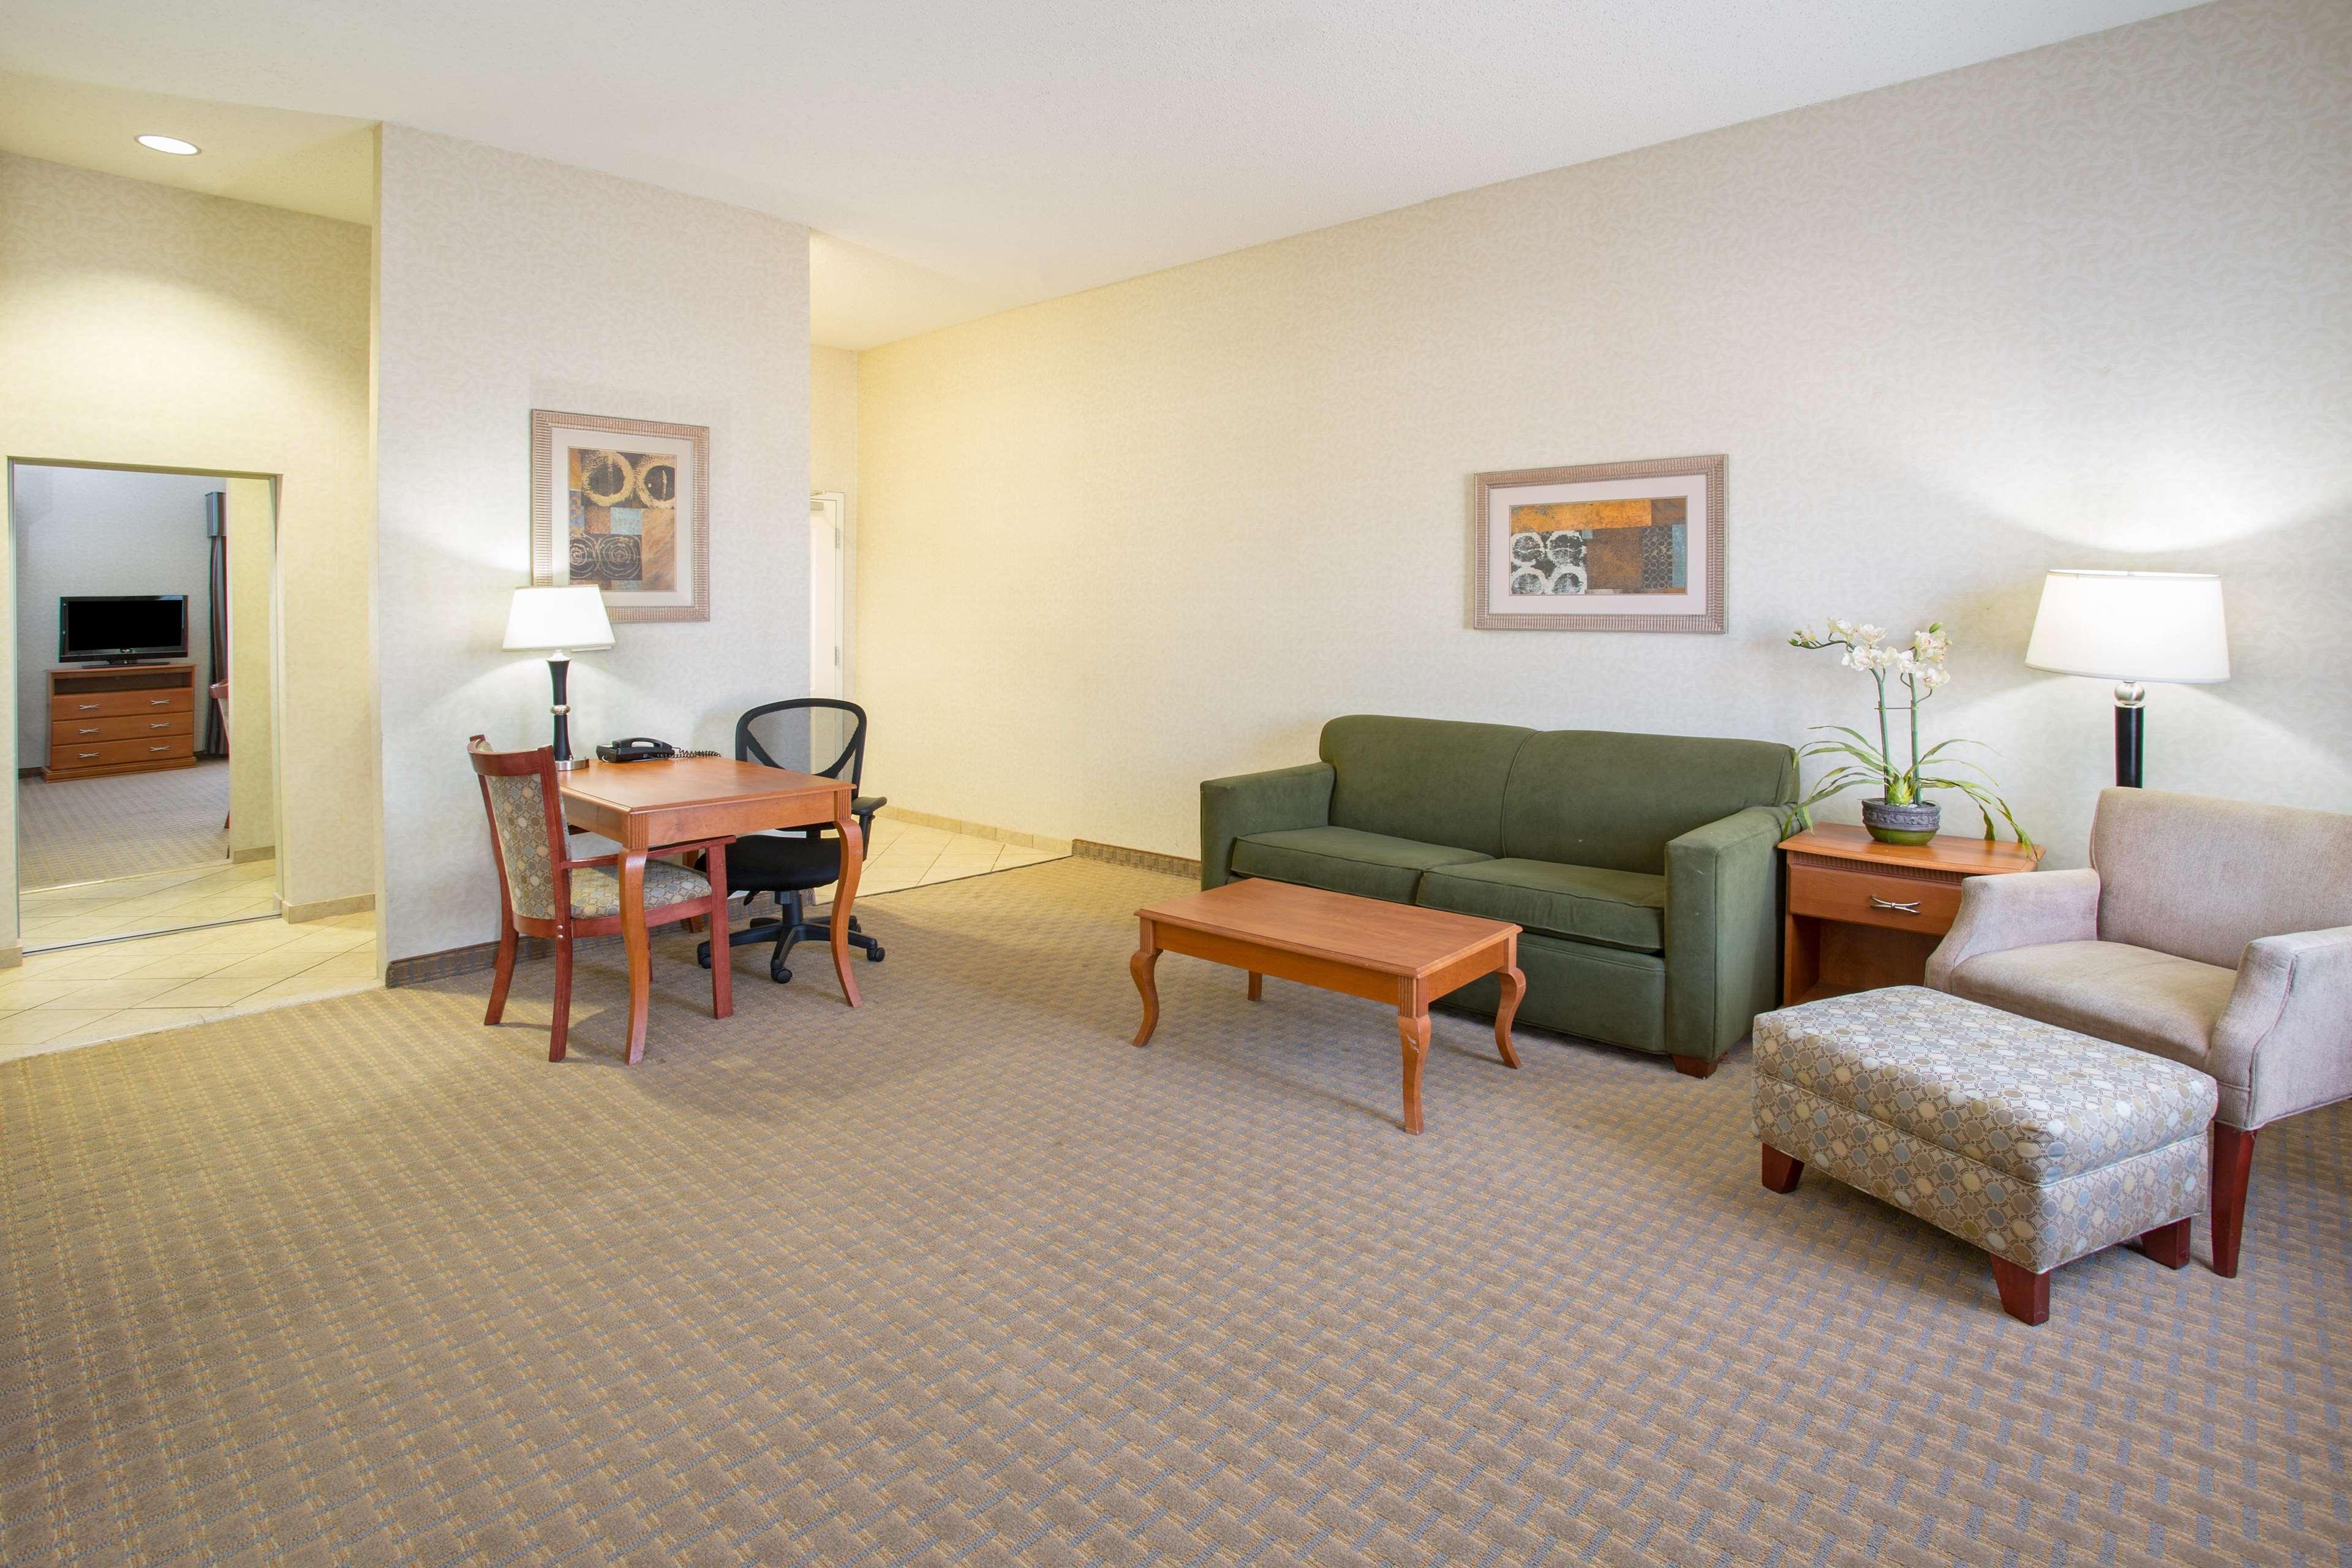 Hampton Inn Santa Rosa image 17